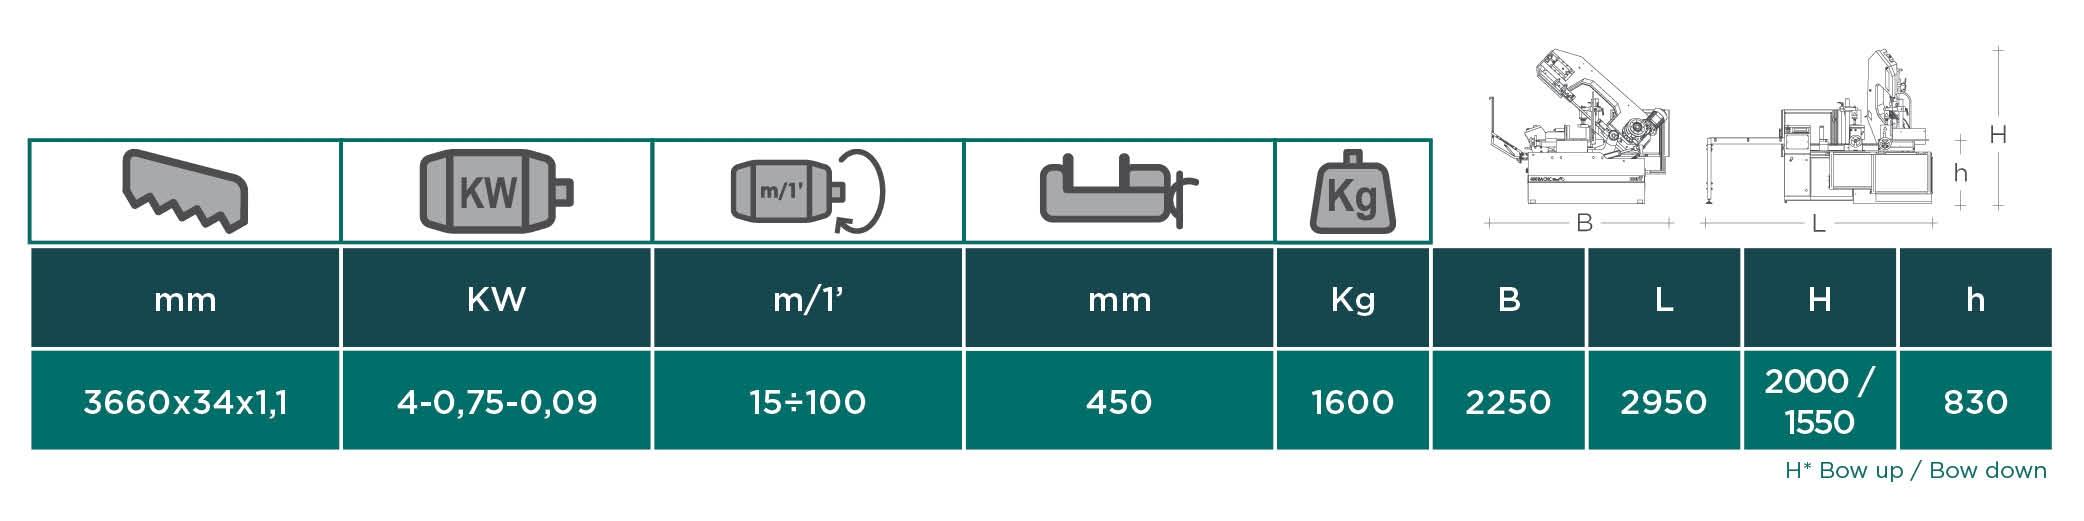 Carif bandsaegen automatische mit vollhydraulischen systemen 450 BA CNC TOUCH